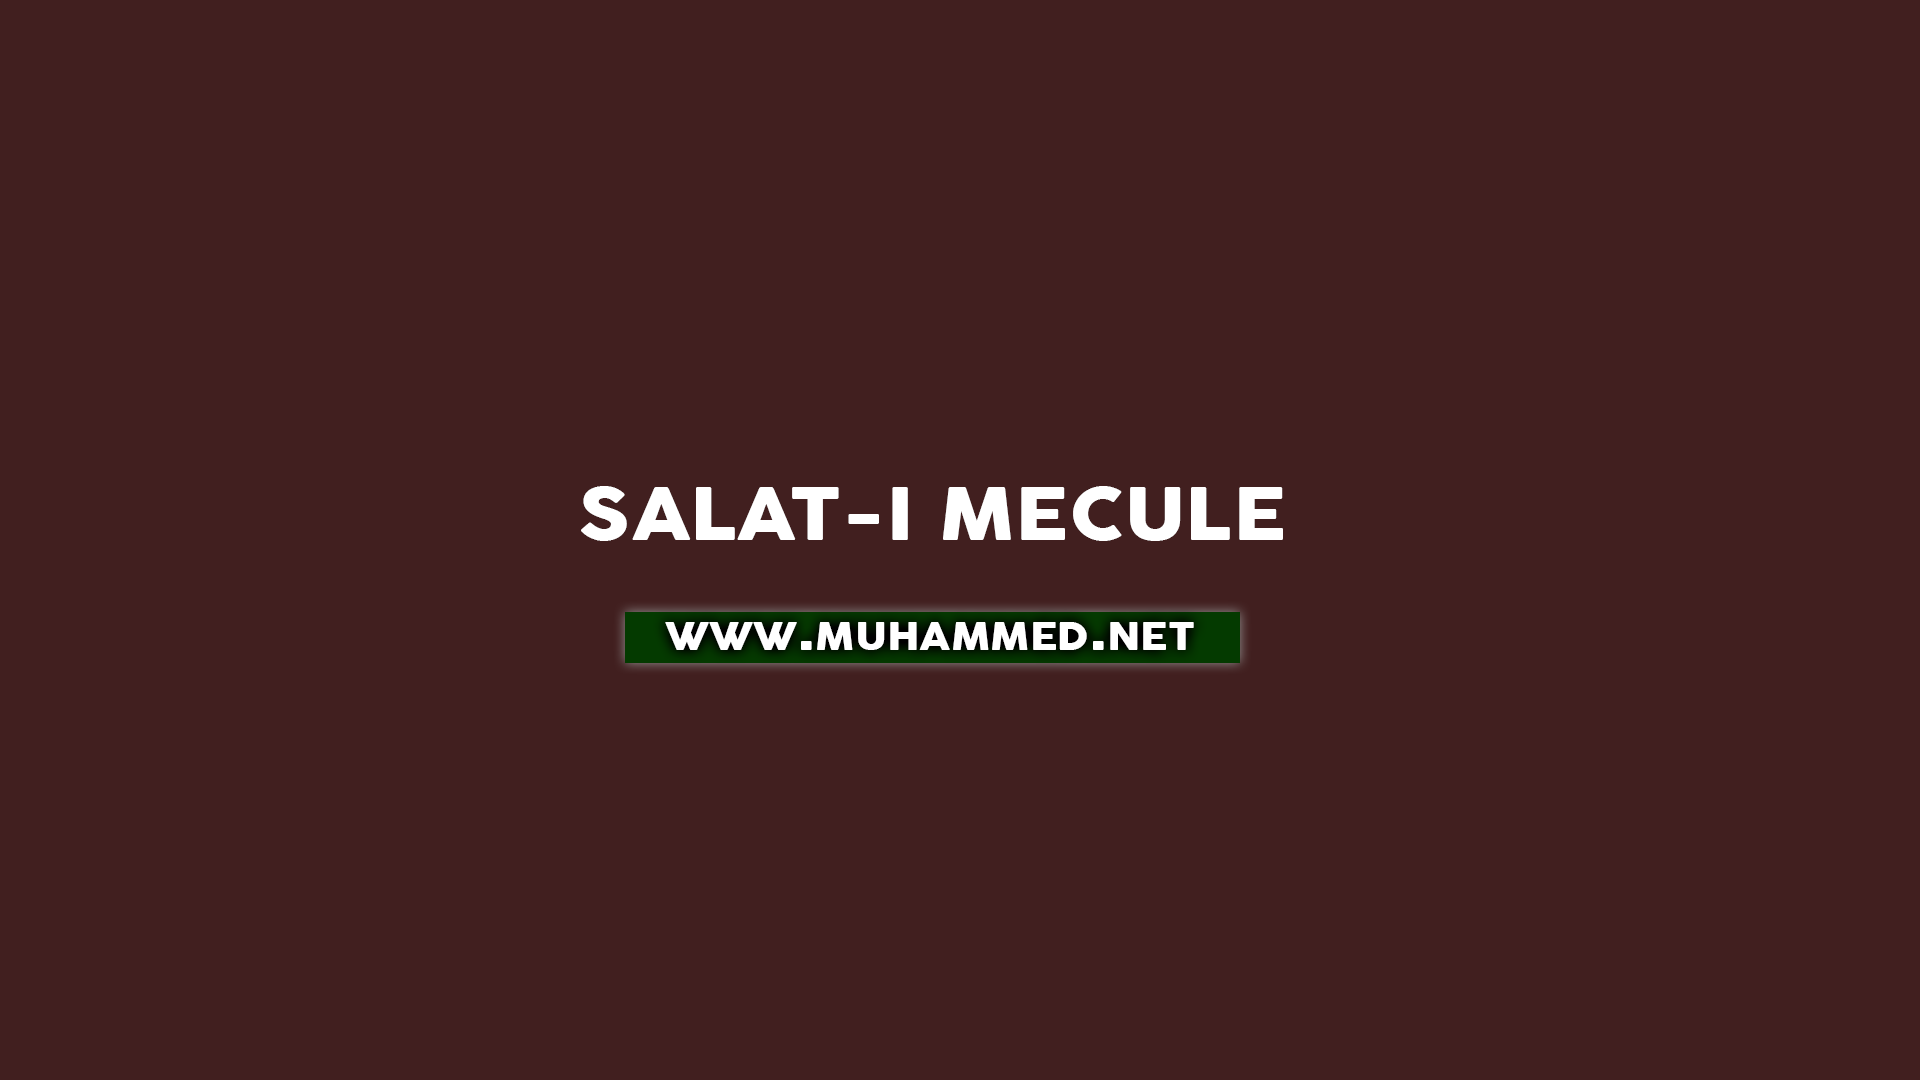 Allahümme salli ala seyyidina Muhammedin salaten tehullü biha ukdeti ve tüferricü biha kürbeti ve takdıy biha haceti ve ala alihi ve sahbihi ve sellim.